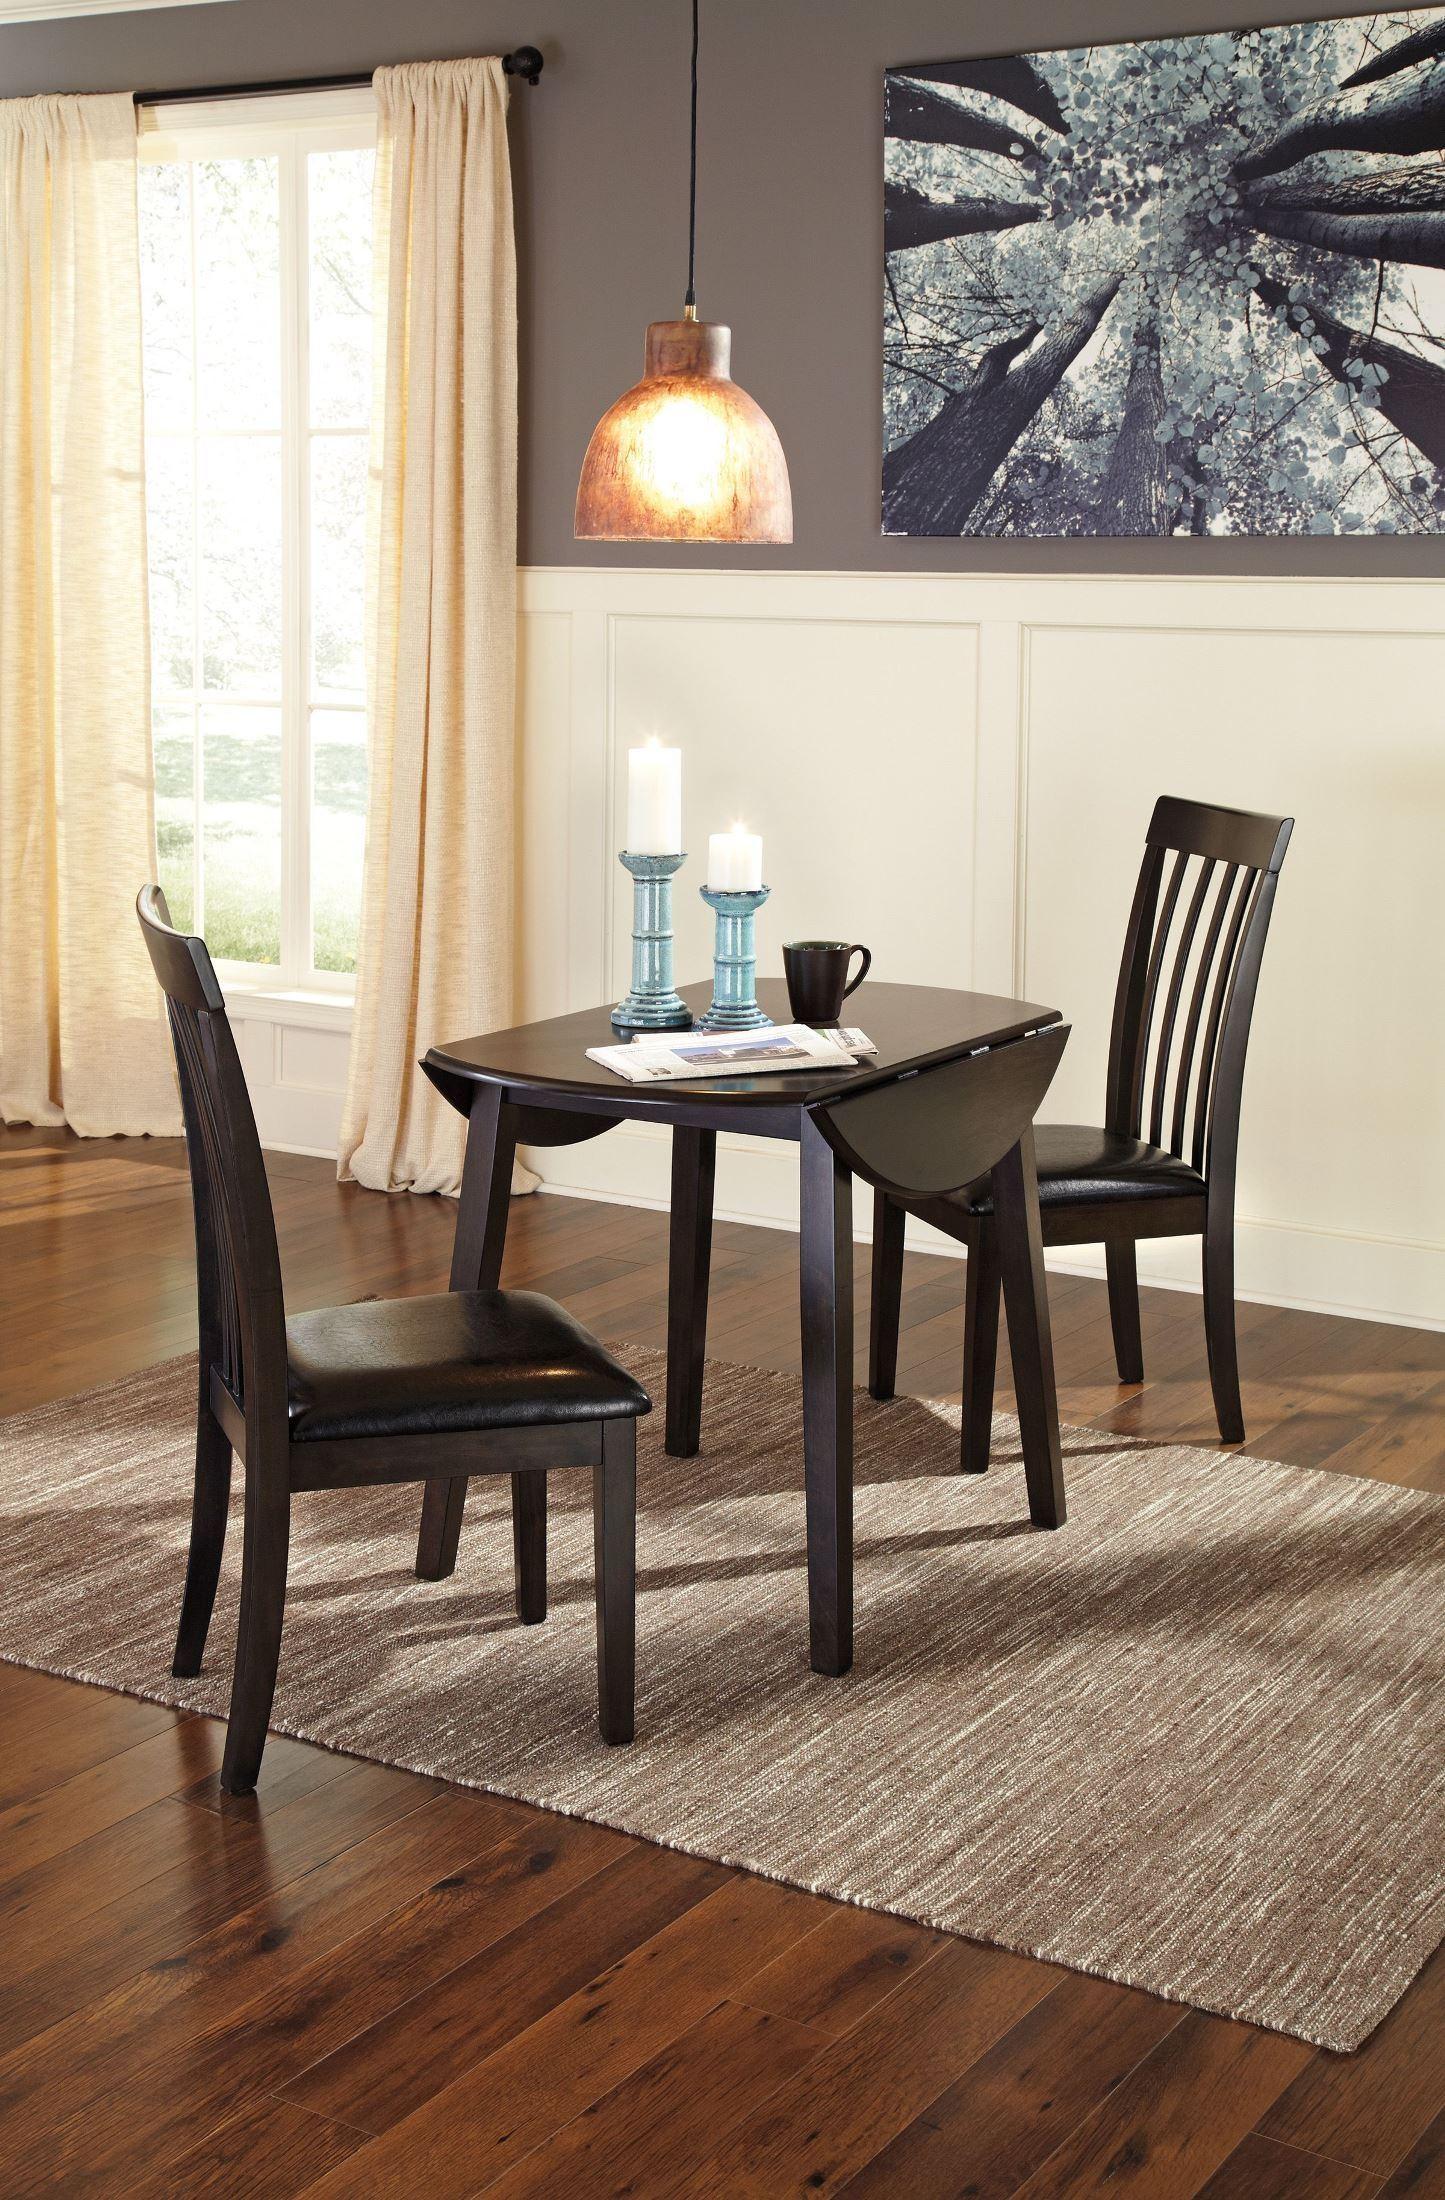 Hammis Round Dining Drop Leaf Table Set In Dark Brown